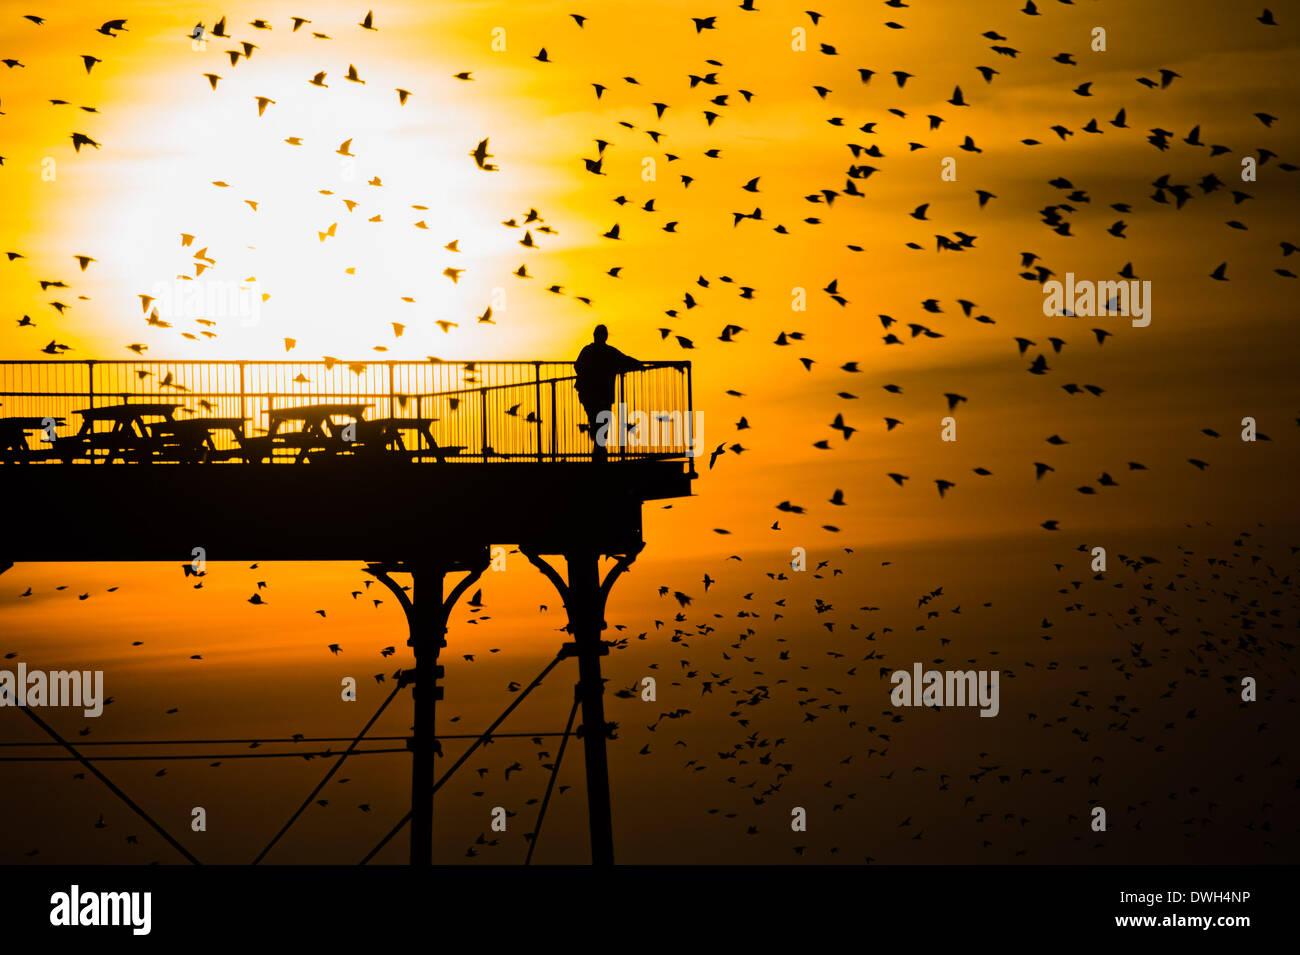 Aberystwyth, Wales, Regno Unito. 8 marzo 2014. Stormi di storni volare a roost in ghisa gambe del lungomare vittoriano pier a Aberystwyth sulla West Wales coast UK. Alla fine di un giorno caldo e soleggiato, con temperature che nel Regno Unito il raggiungimento 18C, le persone alla fine del molo Godetevi il tramonto su Cardigan Bay e il murmuration degli uccelli Photo credit: Keith morris/Alamy Live News Foto Stock